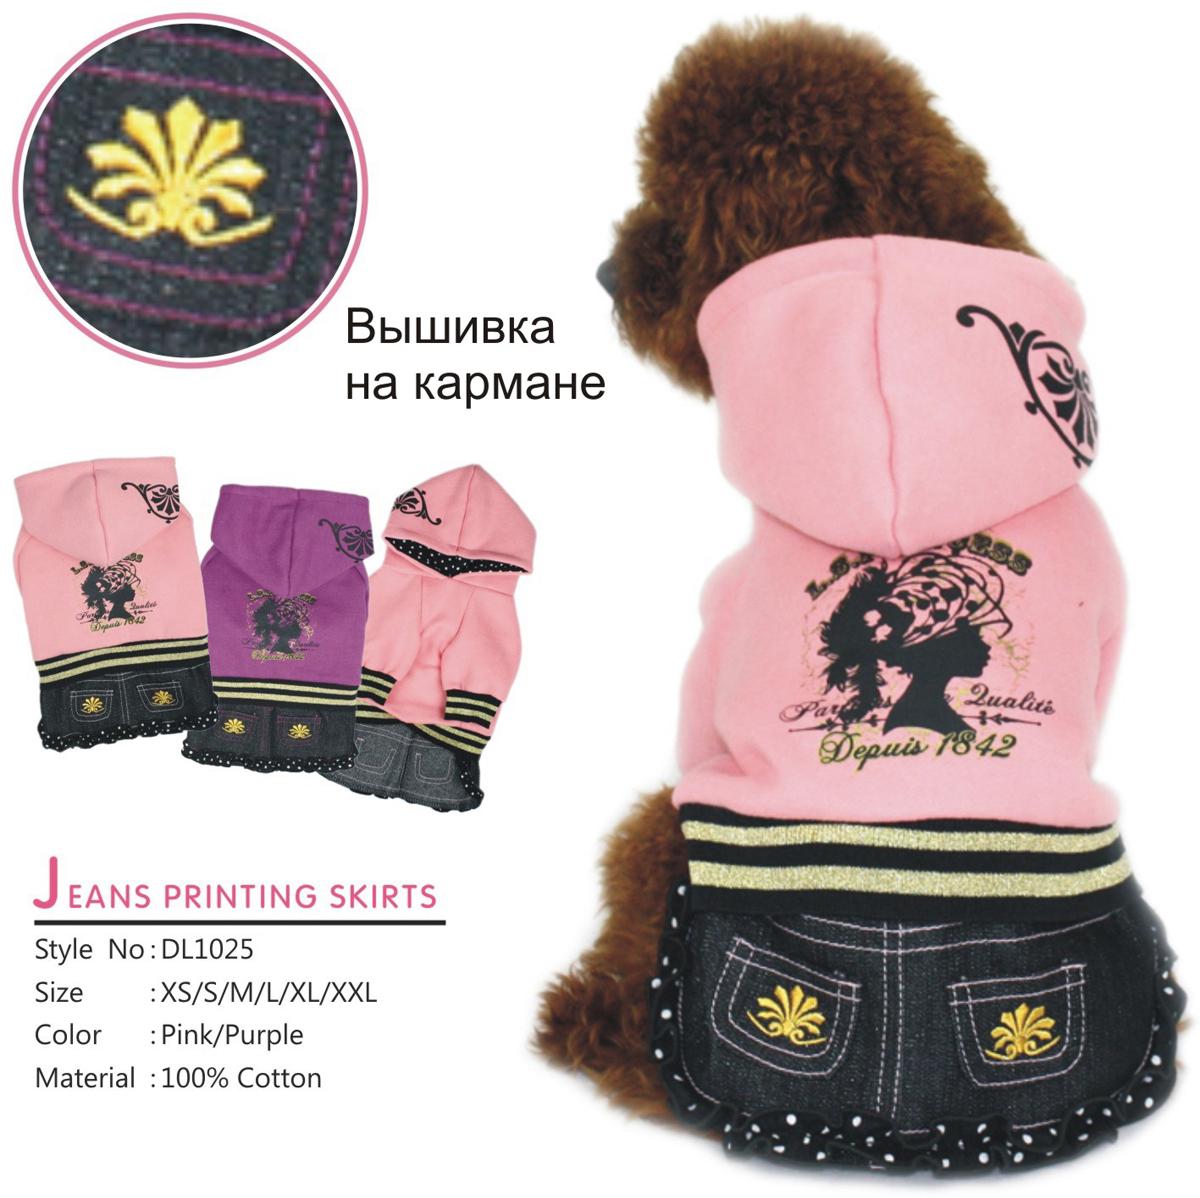 Платье для собак Dobaz, утепленное, цвет: розовый. ДЛ1025АХХЛ. Размер XXLДЛ1025АХХЛПлатье для собак Dobaz выполнено из 100% хлопка. Текстильный верх отлично сочетается с джинсовым низом. Юбочка дополнена рюшами в горошек и двумя карманами с нашивкой. Платье имеет капюшон. В таком платье ваша собачка будет самой стильной. Обхват шеи: 40 см.Обхват груди: 60 см.Длина спинки: 41 см.Одежда для собак: нужна ли она и как её выбрать. Статья OZON Гид